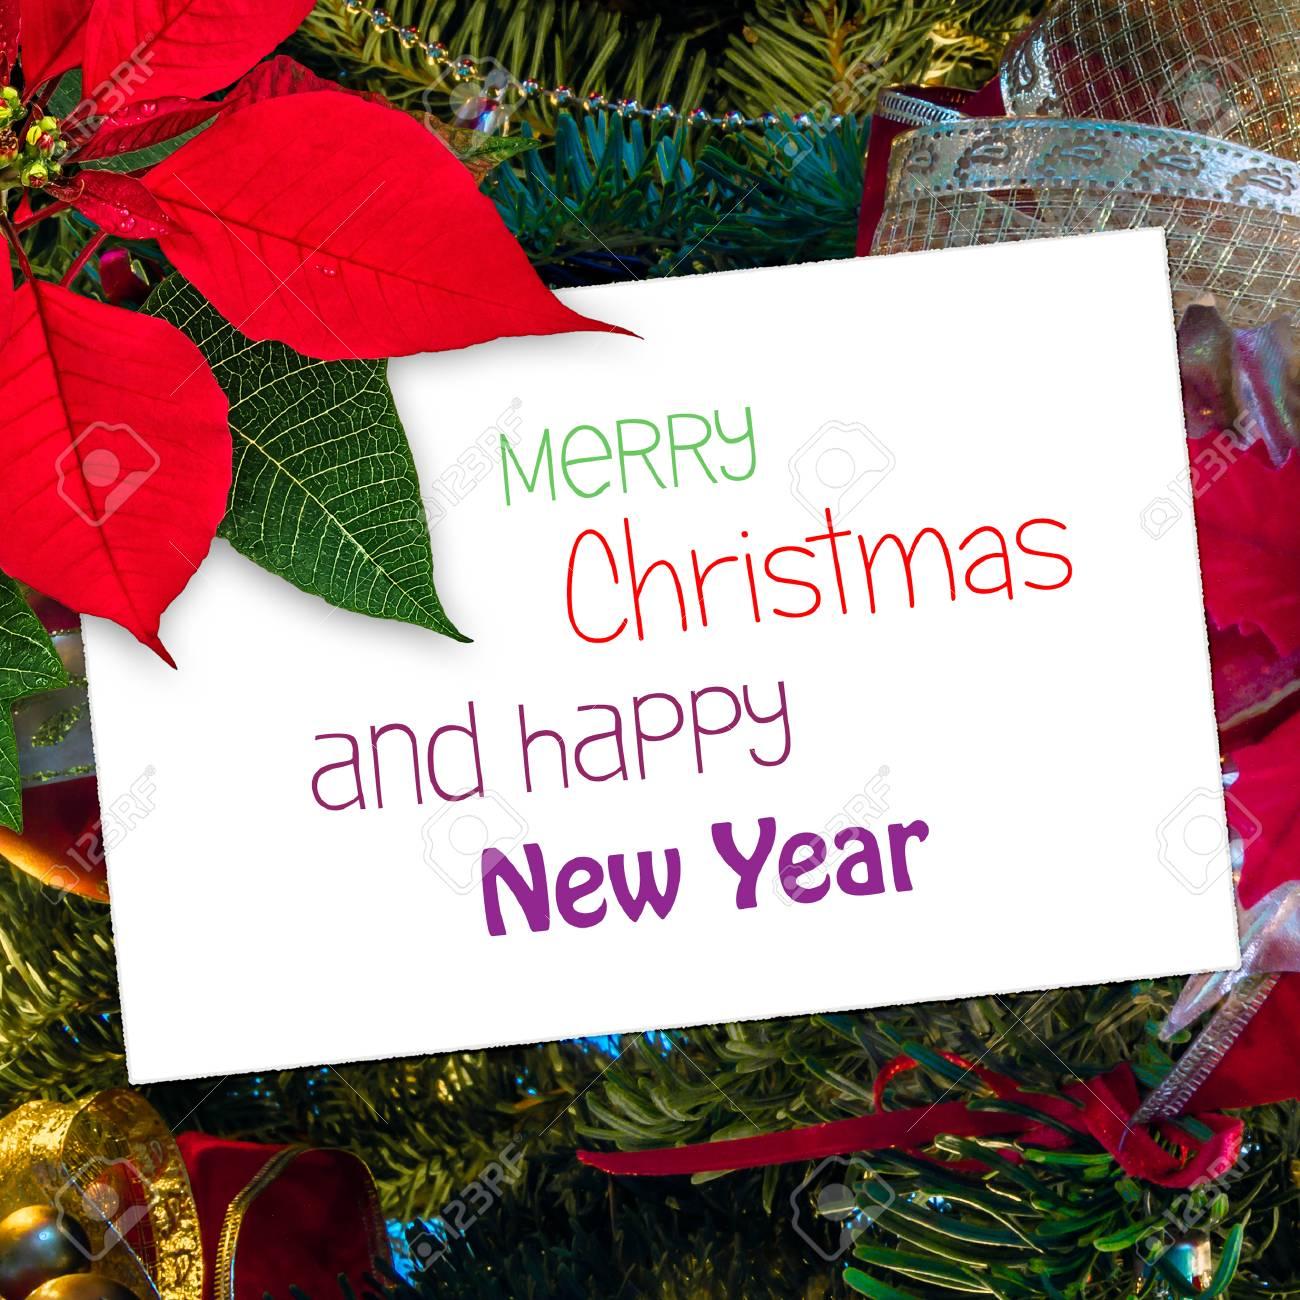 Buon Natale Del C Testo.Immagini Stock Biglietto Di Auguri Di Natale Con Decorazione Buon